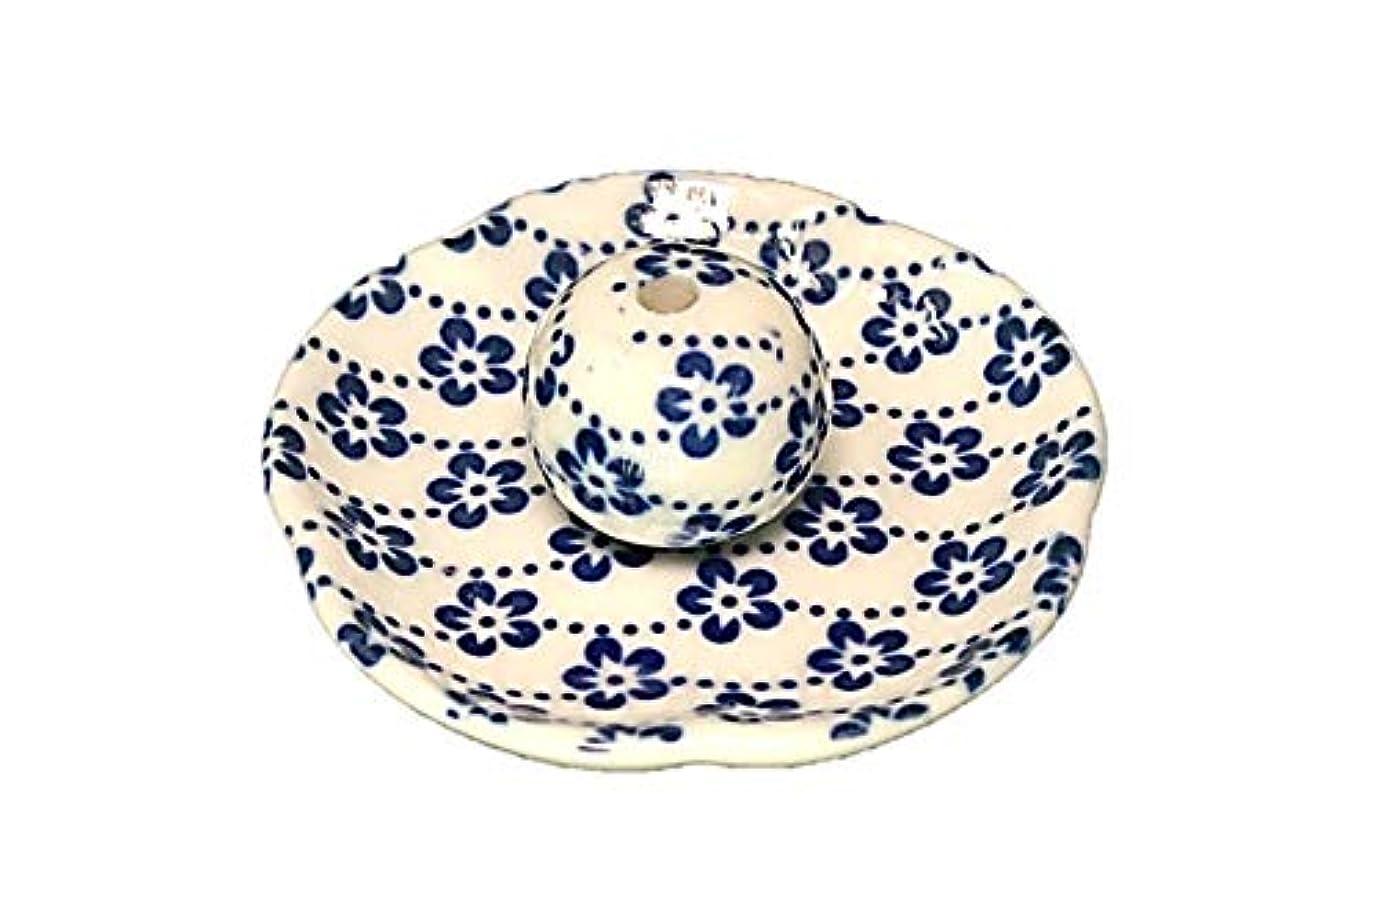 付き添い人陰謀オデュッセウス梅花 花形香皿 お香立て お香たて 日本製 ACSWEBSHOPオリジナル